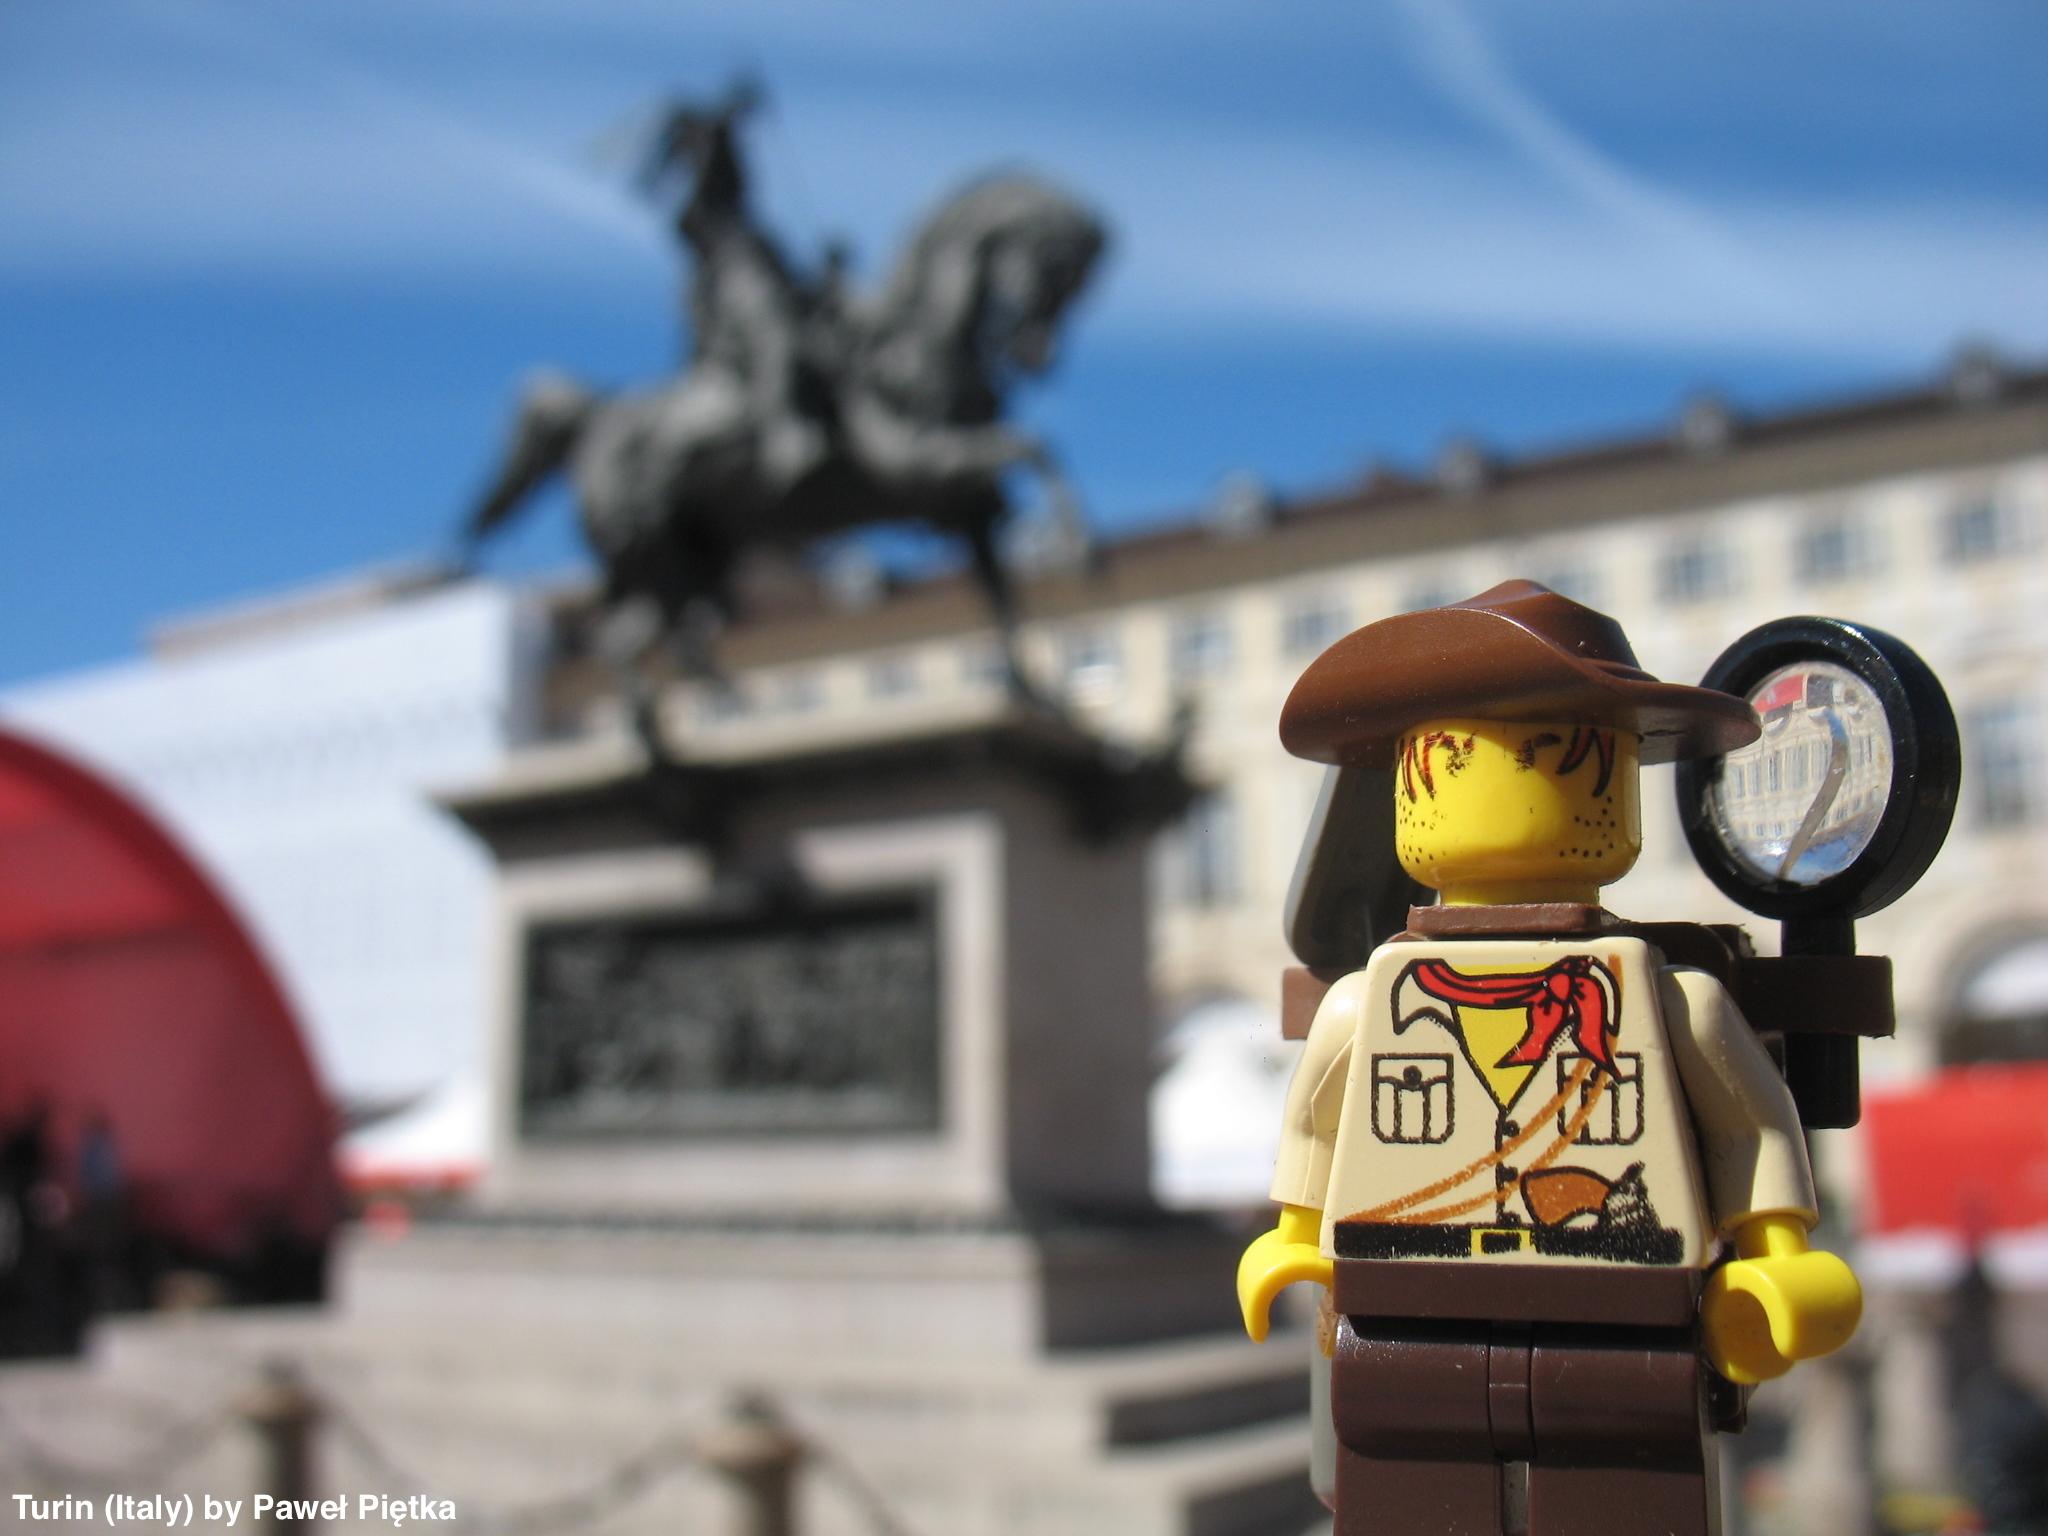 Turin (Italy) - Piazza San Carlo